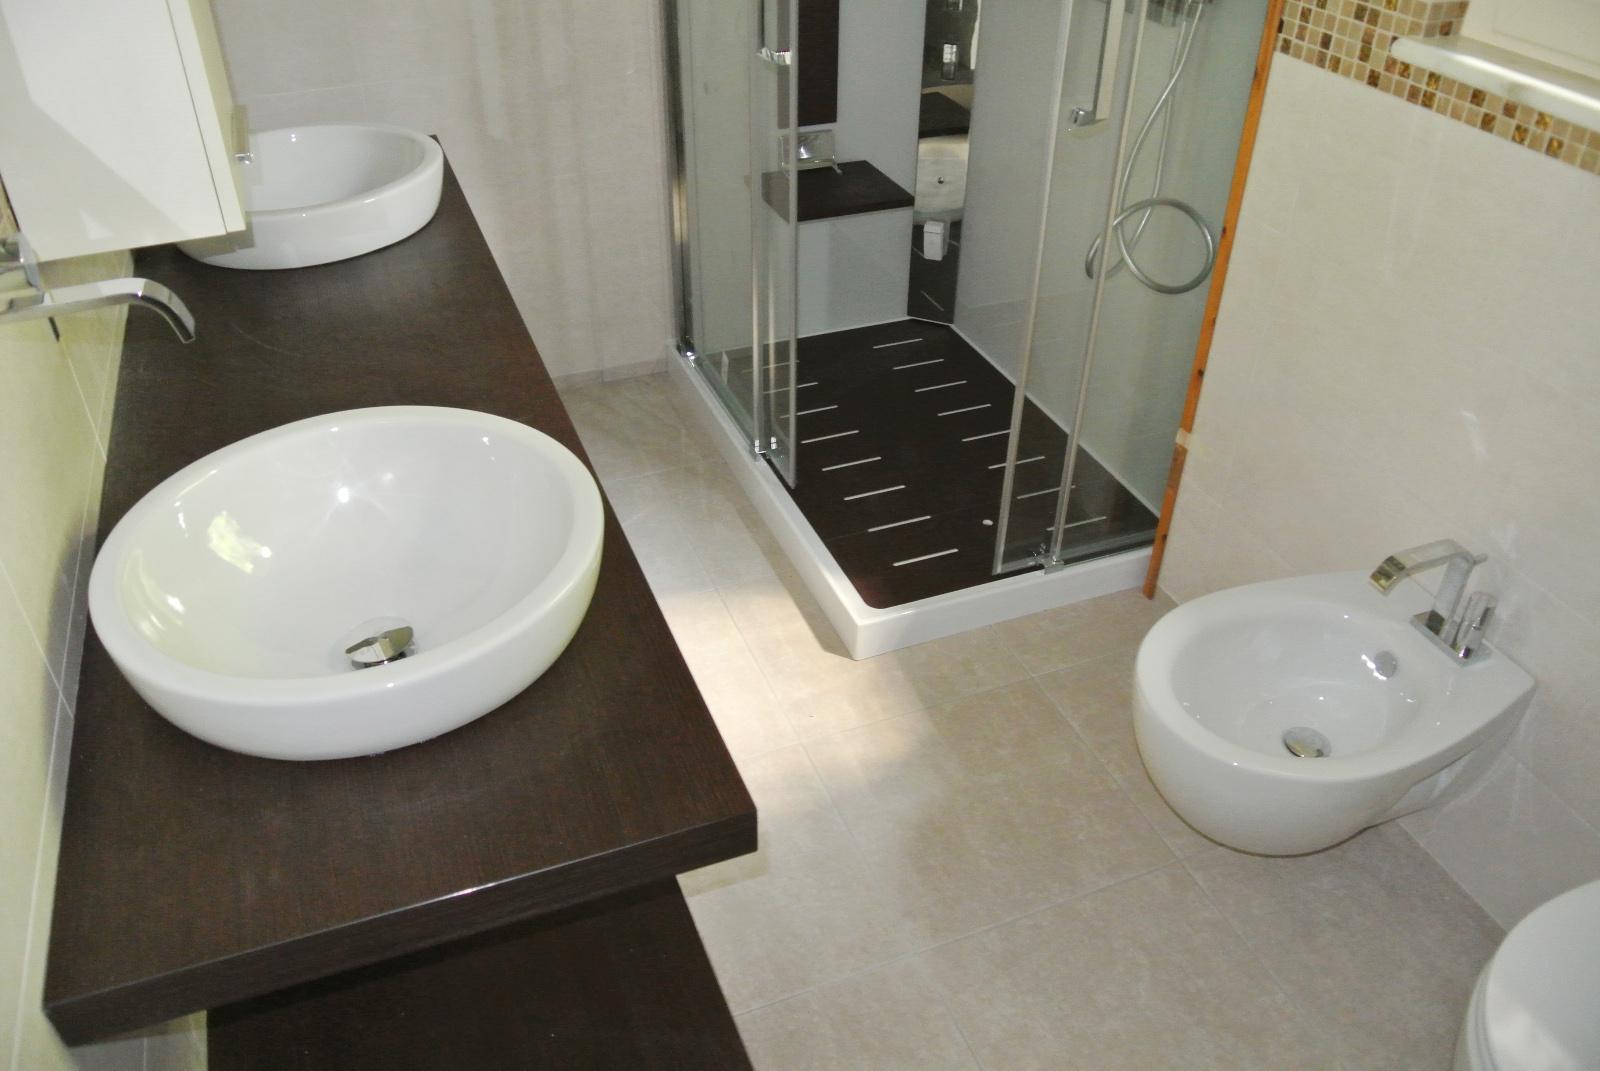 sintesibagno-verbania-svizzera-arredobagno-locarno-bellinzona-lavabo-catalano-02-bis